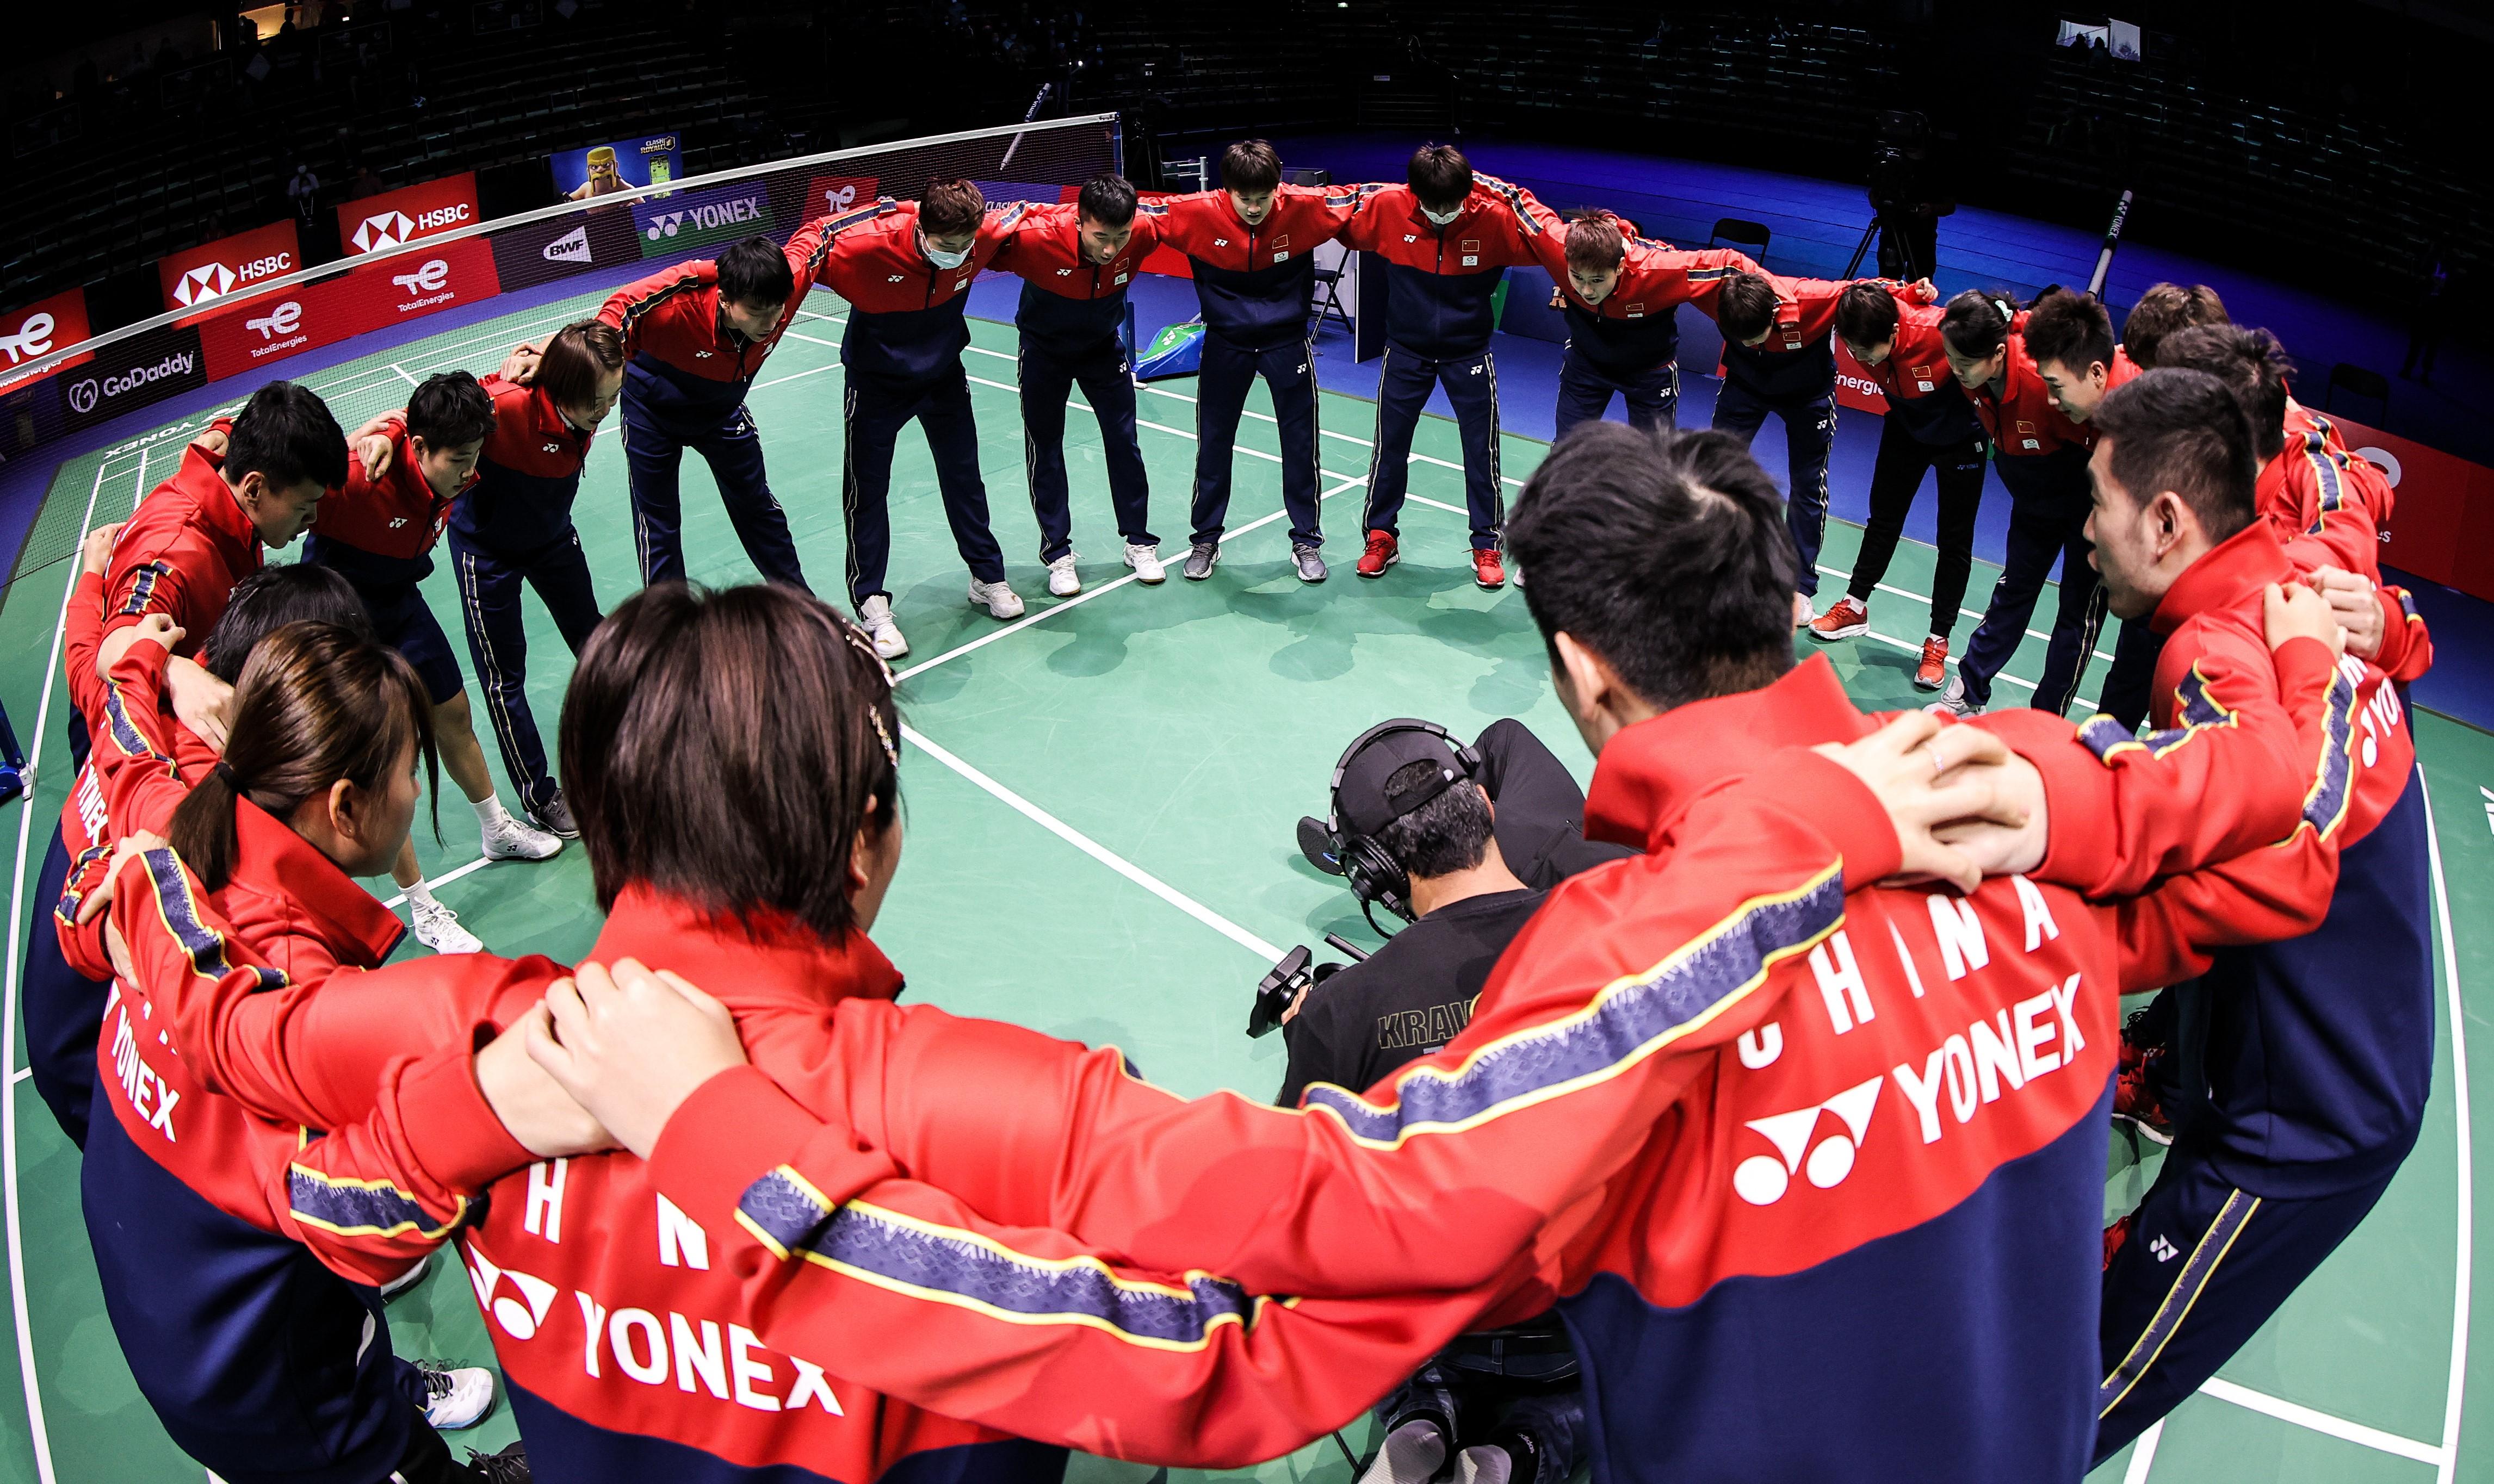 苏迪曼杯国羽3-1日本,第12次夺冠!陈雨菲输球石宇奇胜桃田贤斗